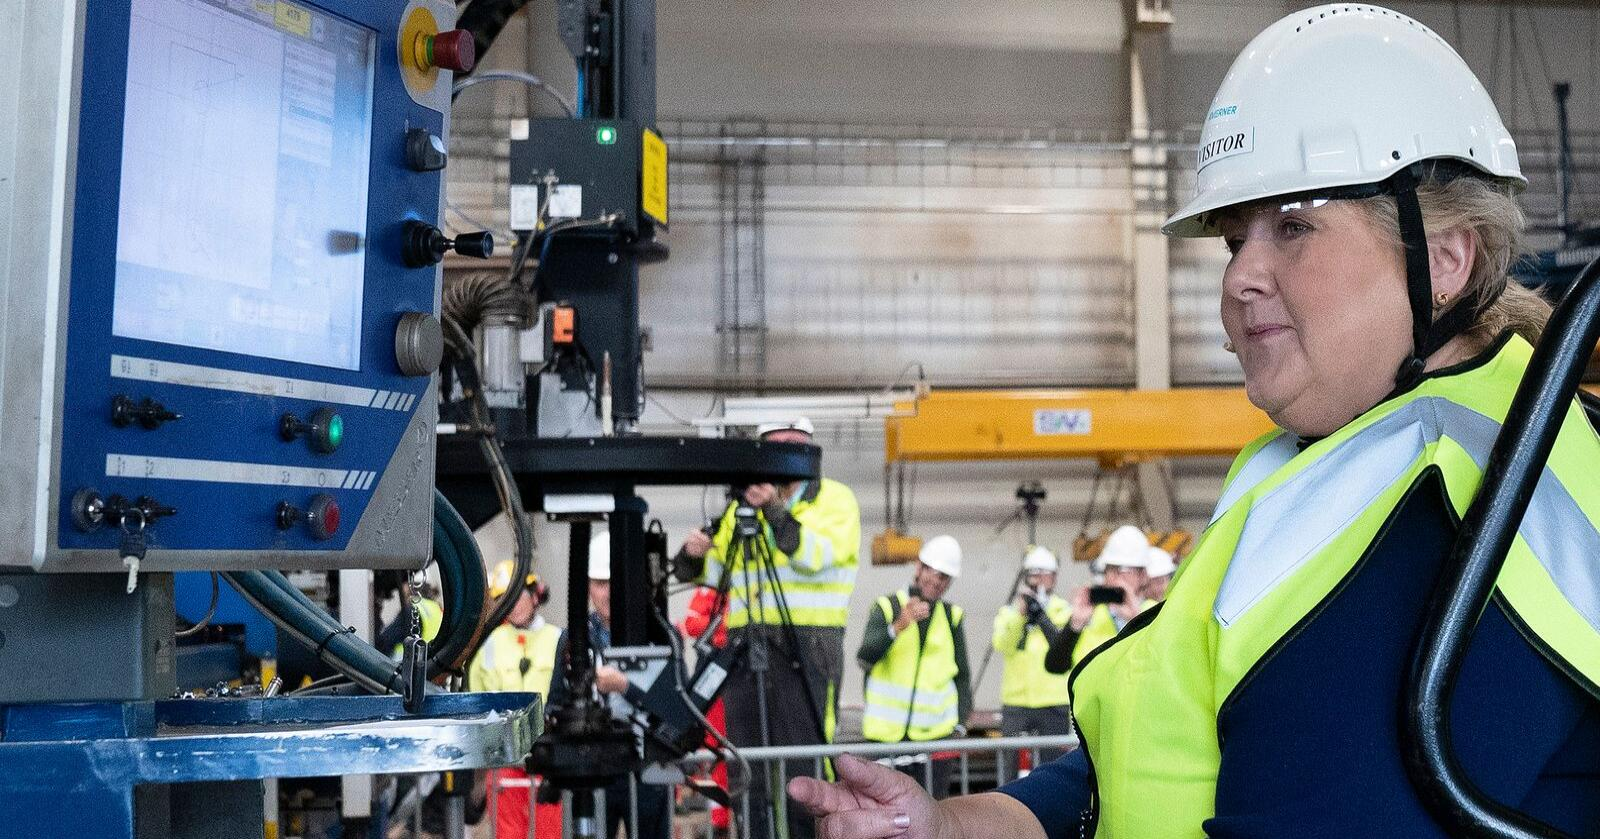 Statsminister Erna Solberg besøker Kværner Stord, der hun deltar på en markering av byggestarten for havvindprosjektet Hywind Tampen.Foto: Jan Kåre Ness / NTB